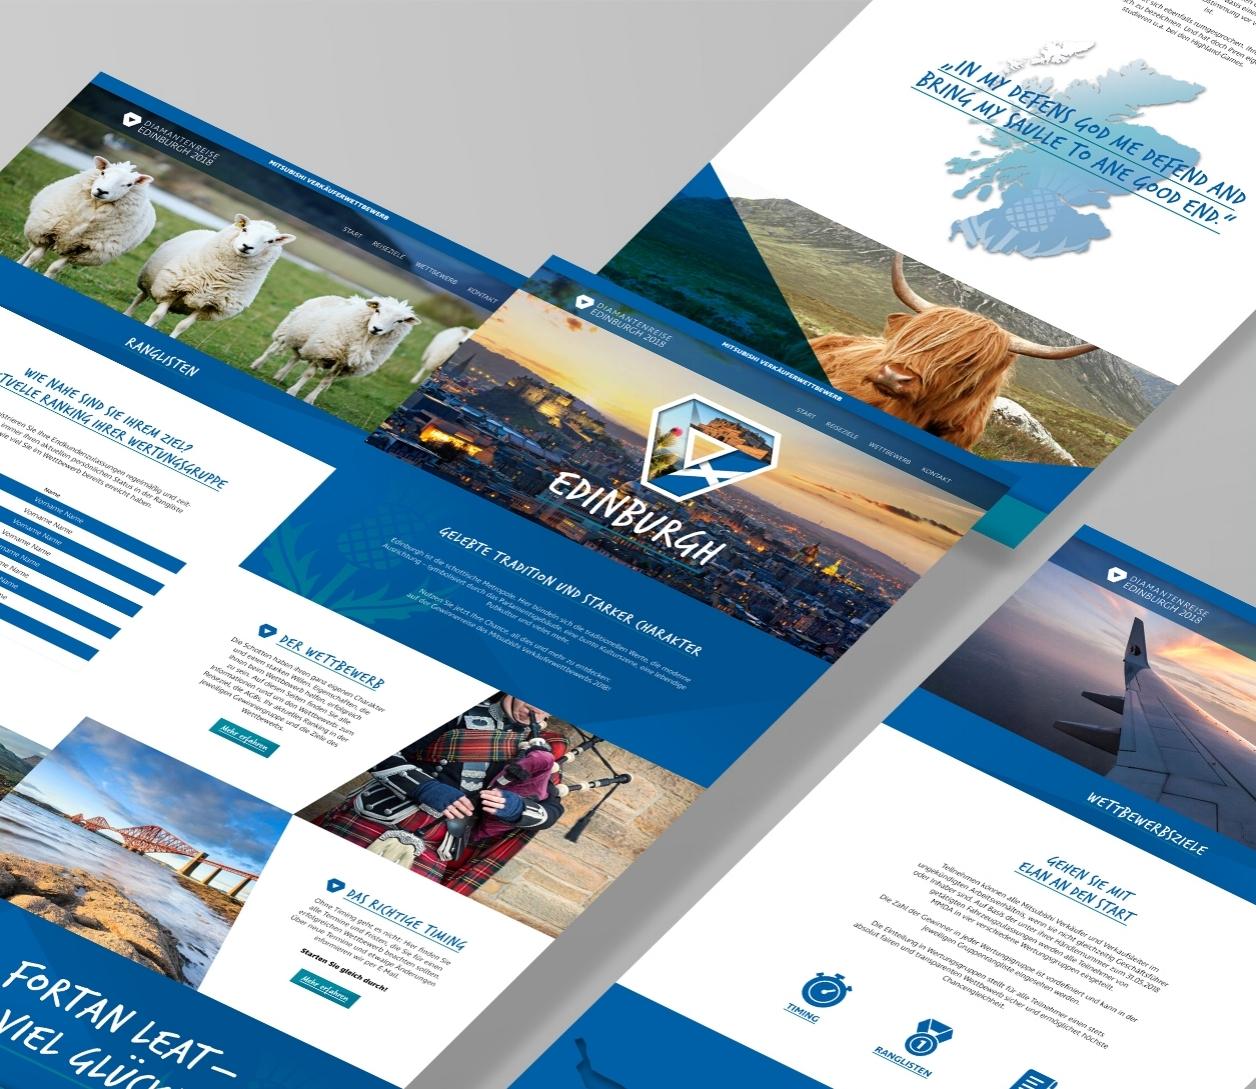 Webseite für einen Reisewettbewerb mit Teilnehmerdatenbank.